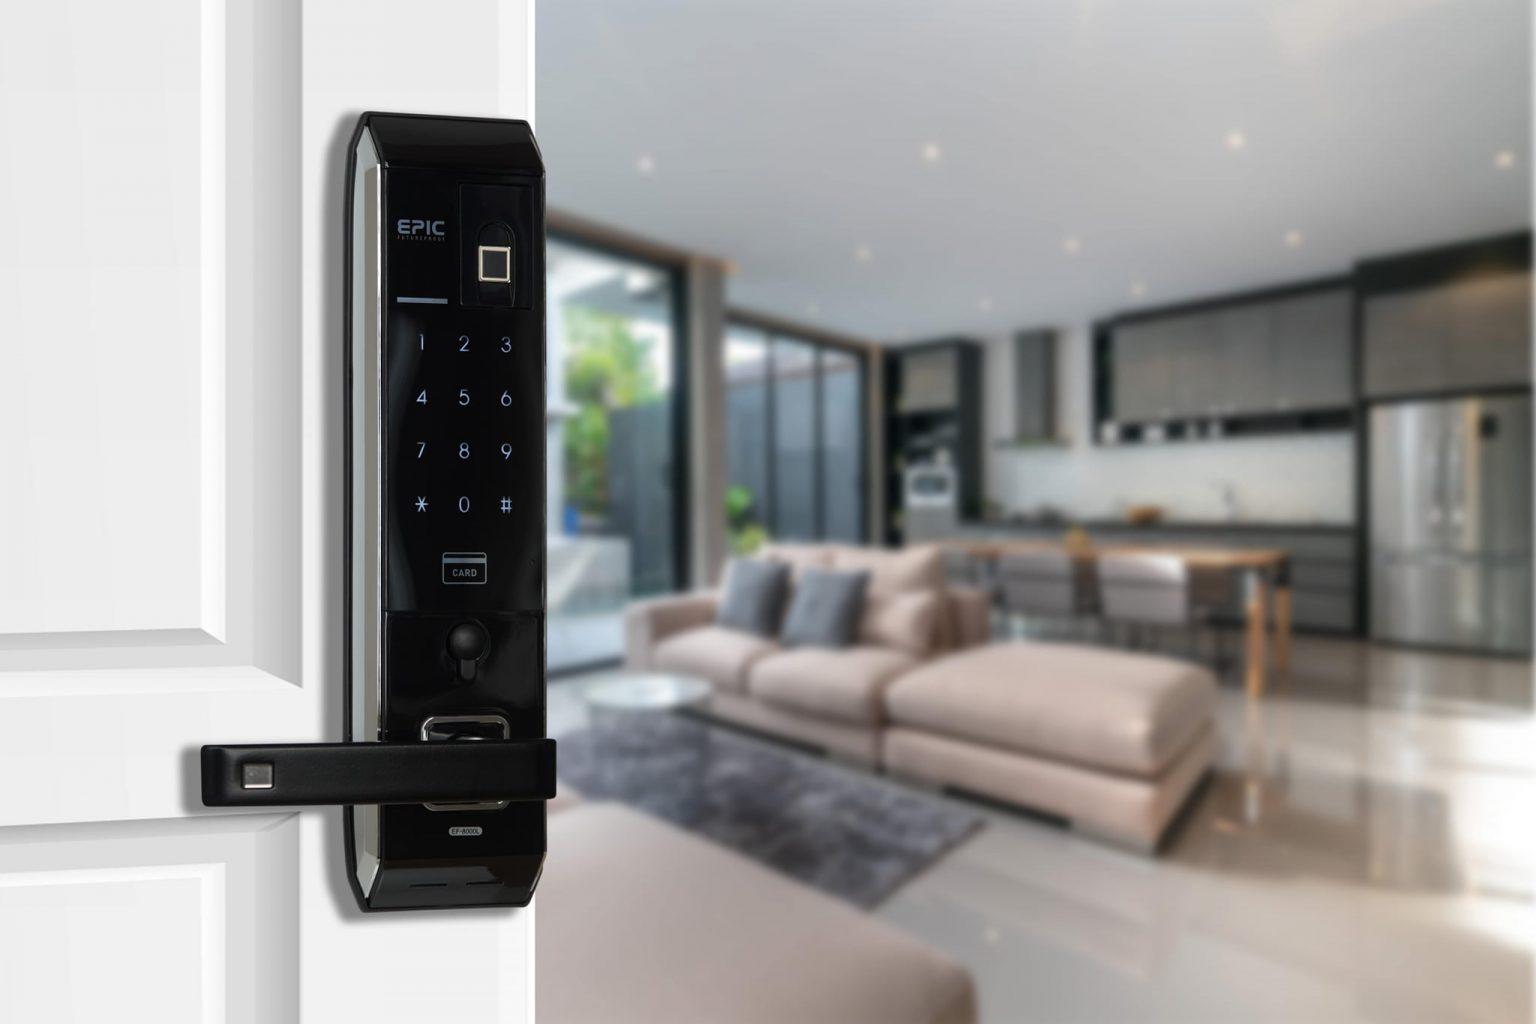 khóa vân tay điện tử Epic 8000L lắp trên cửa